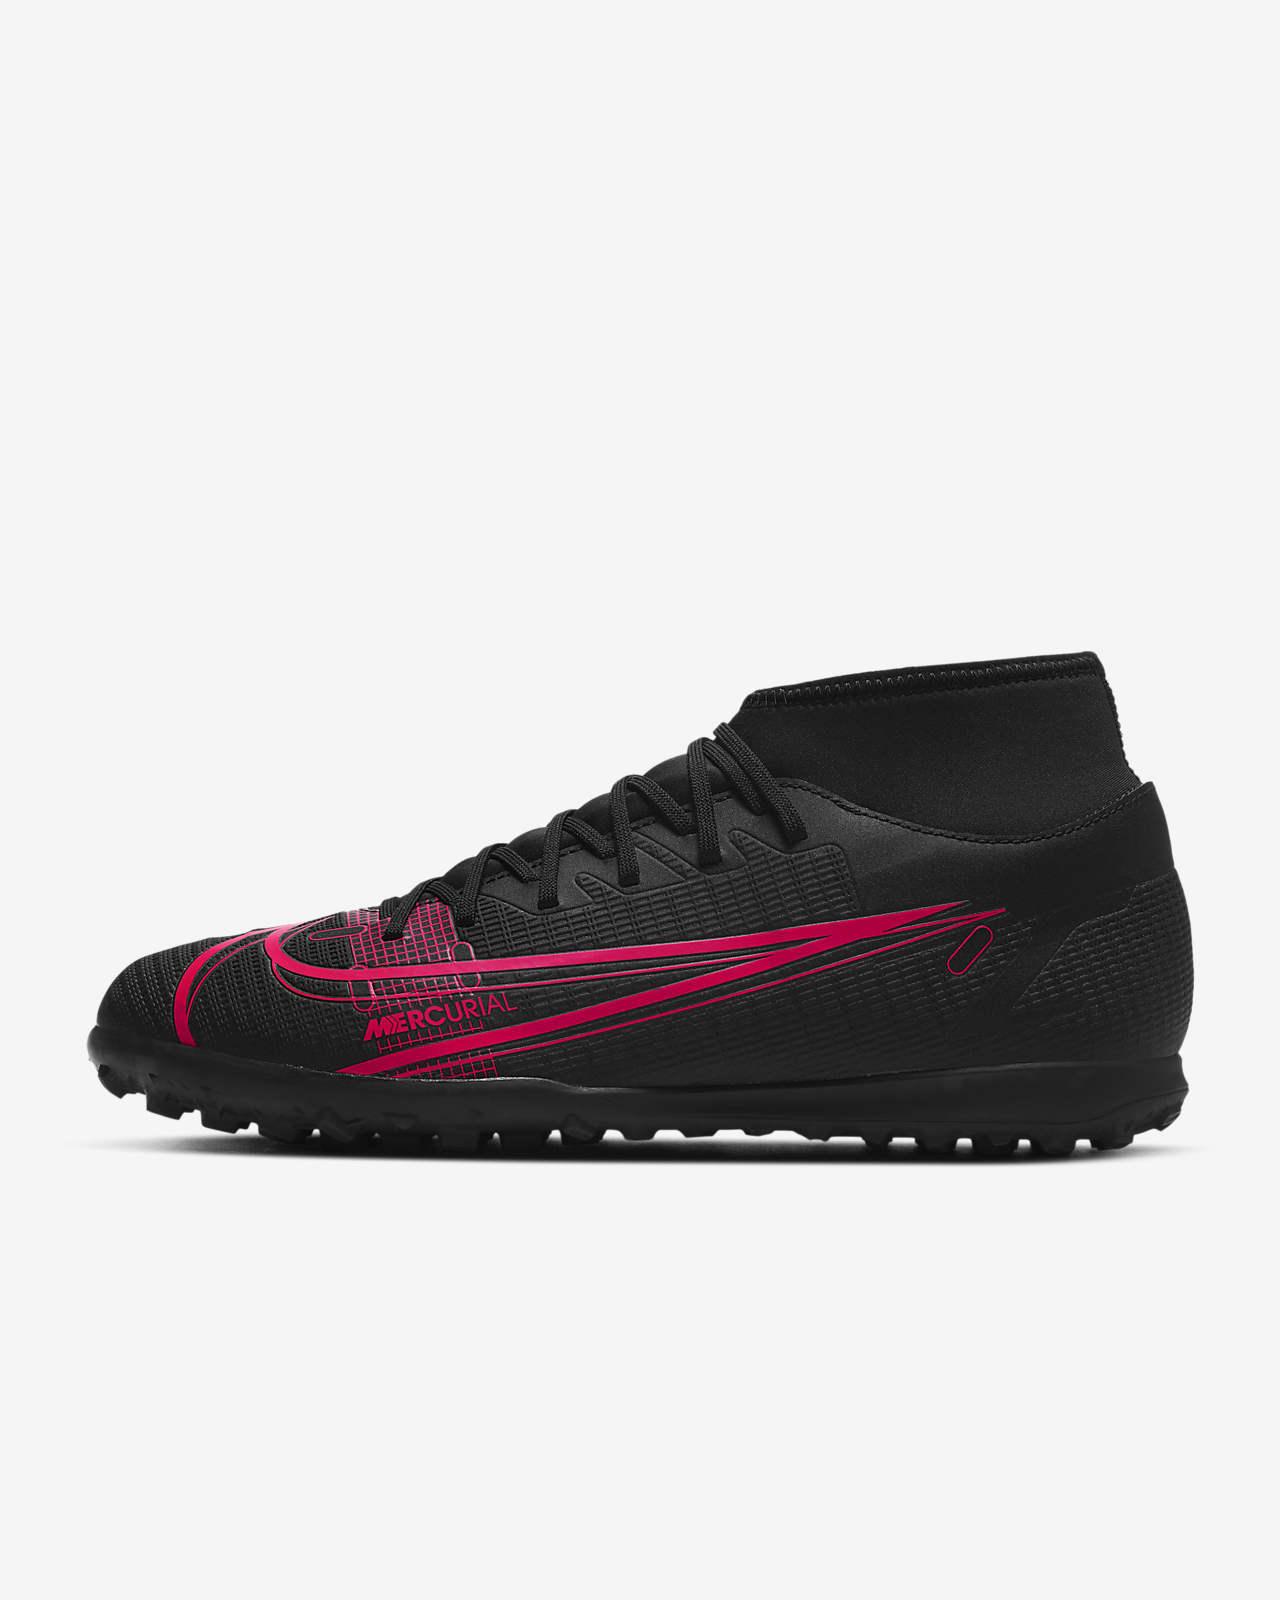 Nike Mercurial Superfly 8 Club TF Voetbalschoen (turf)